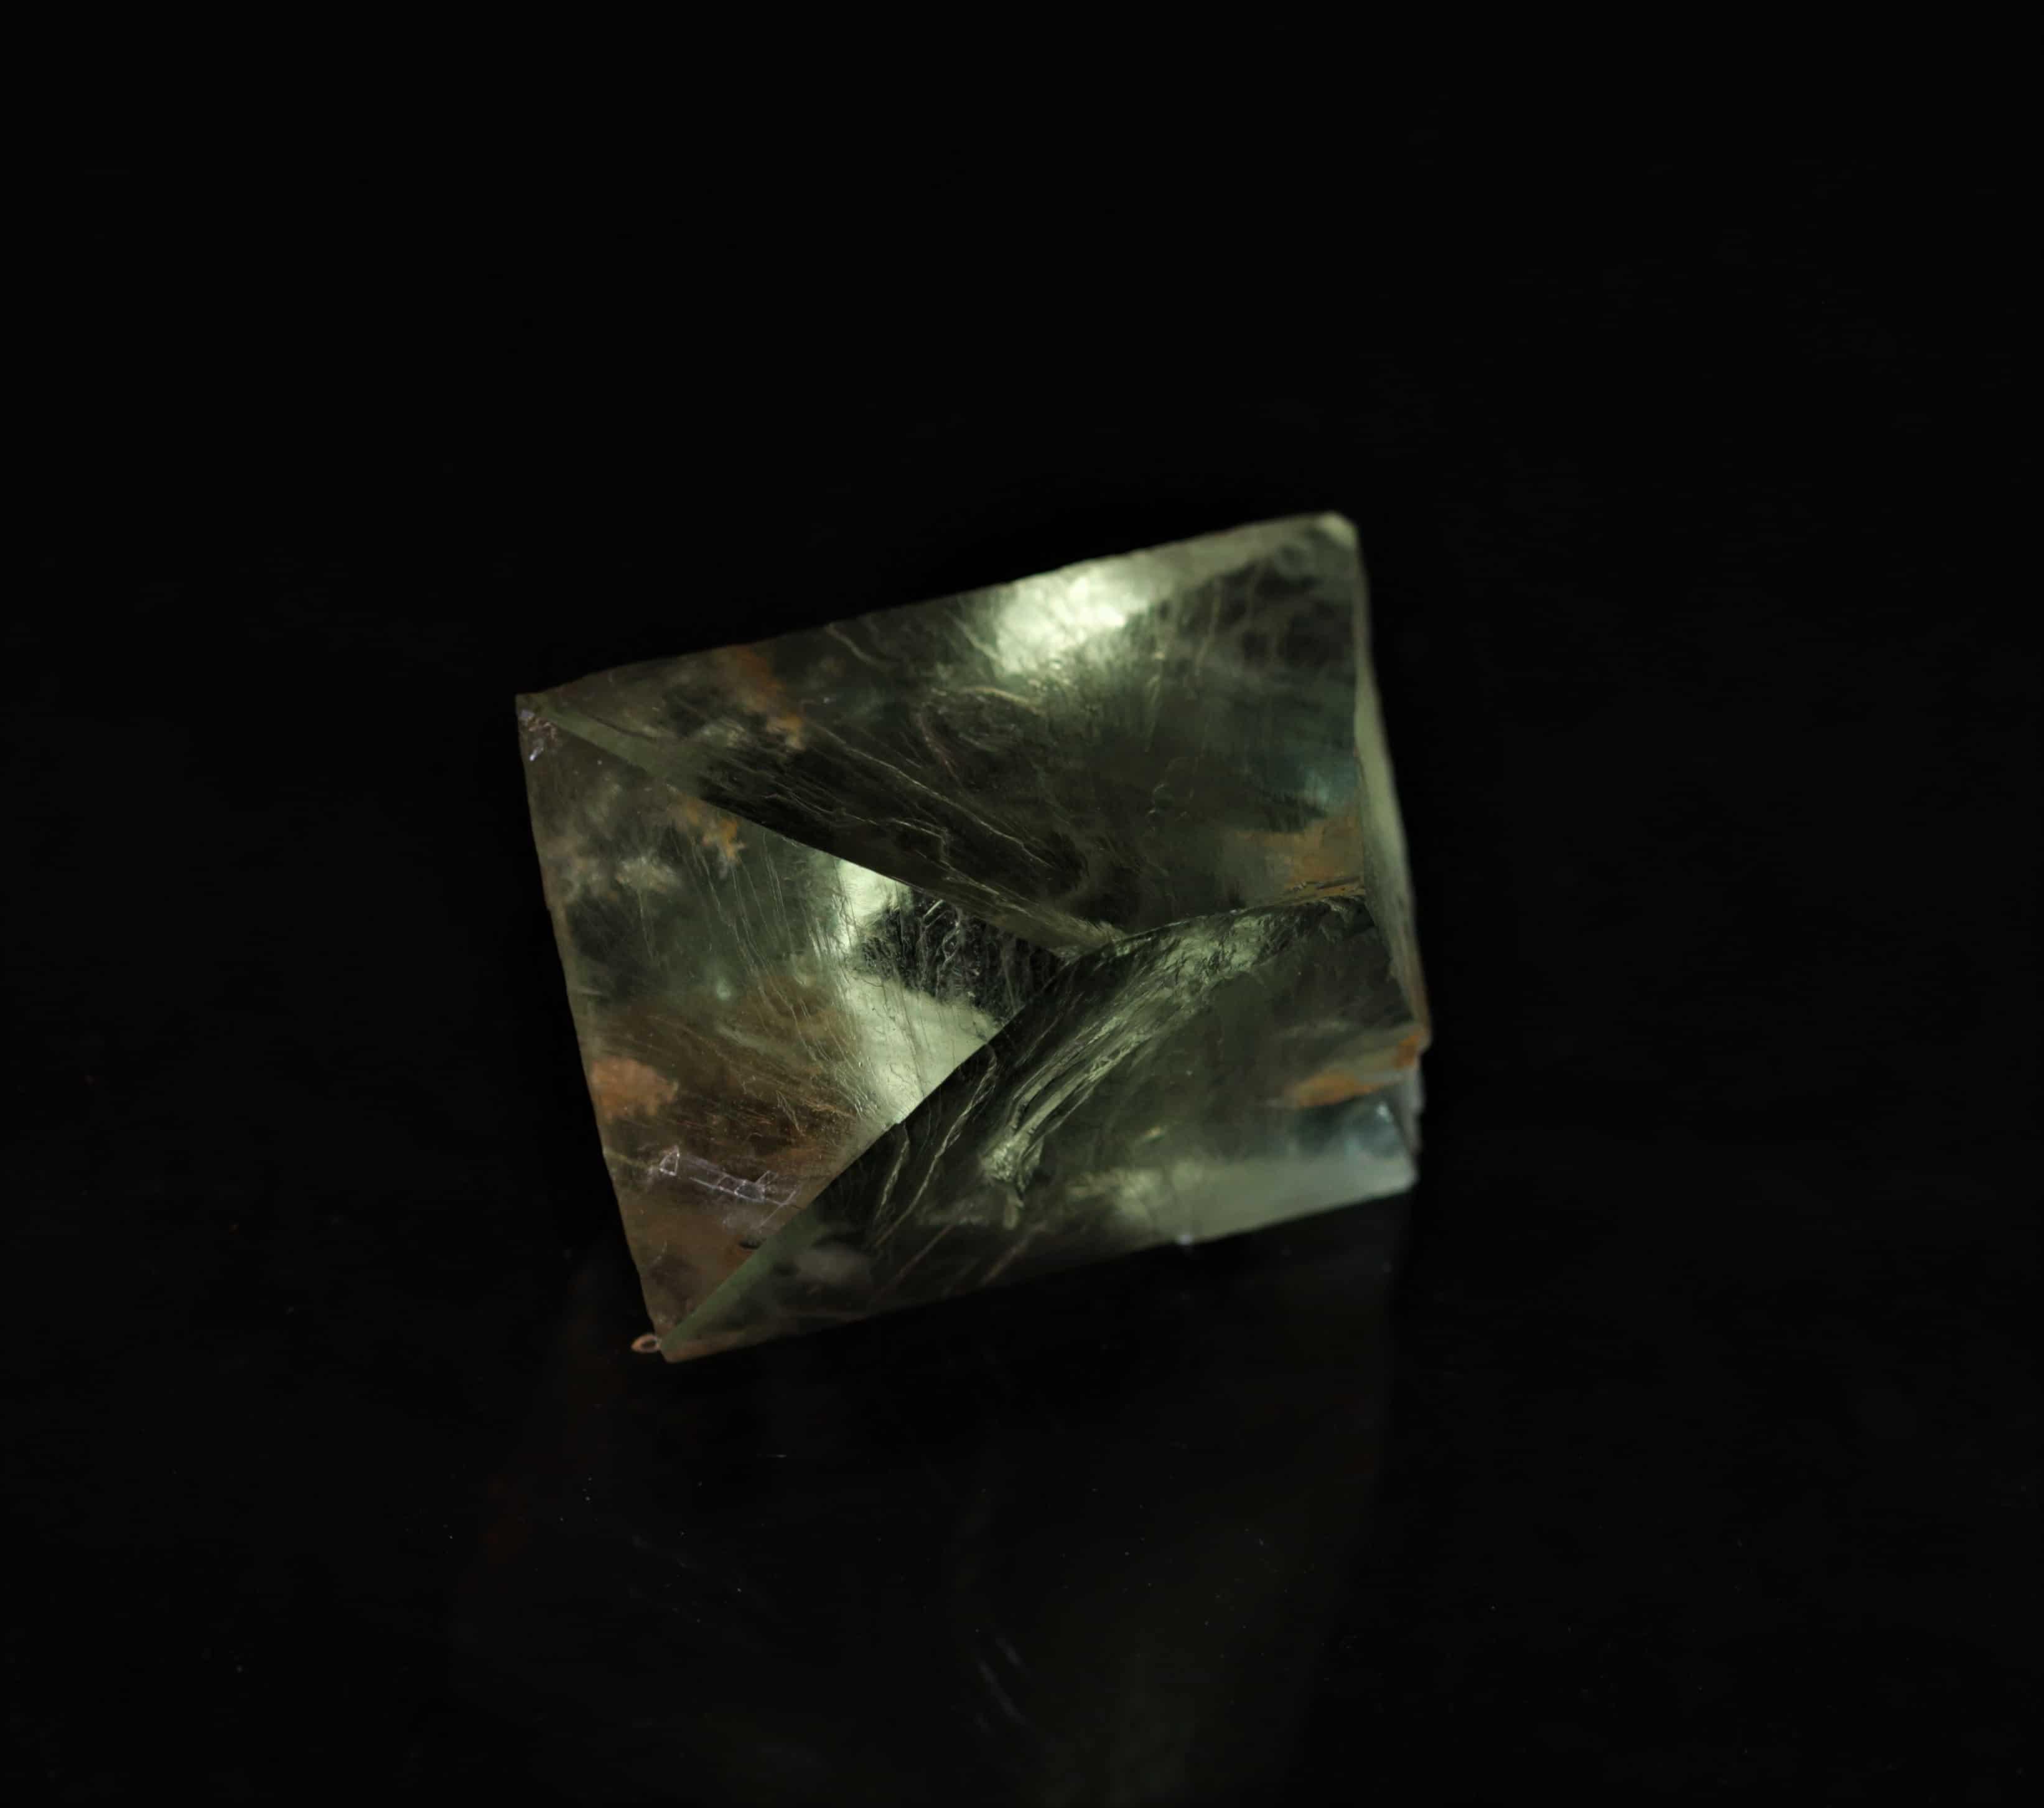 Petit octaèdre de fluorine verte, carrière de Boltry, Seilles, Belgique.